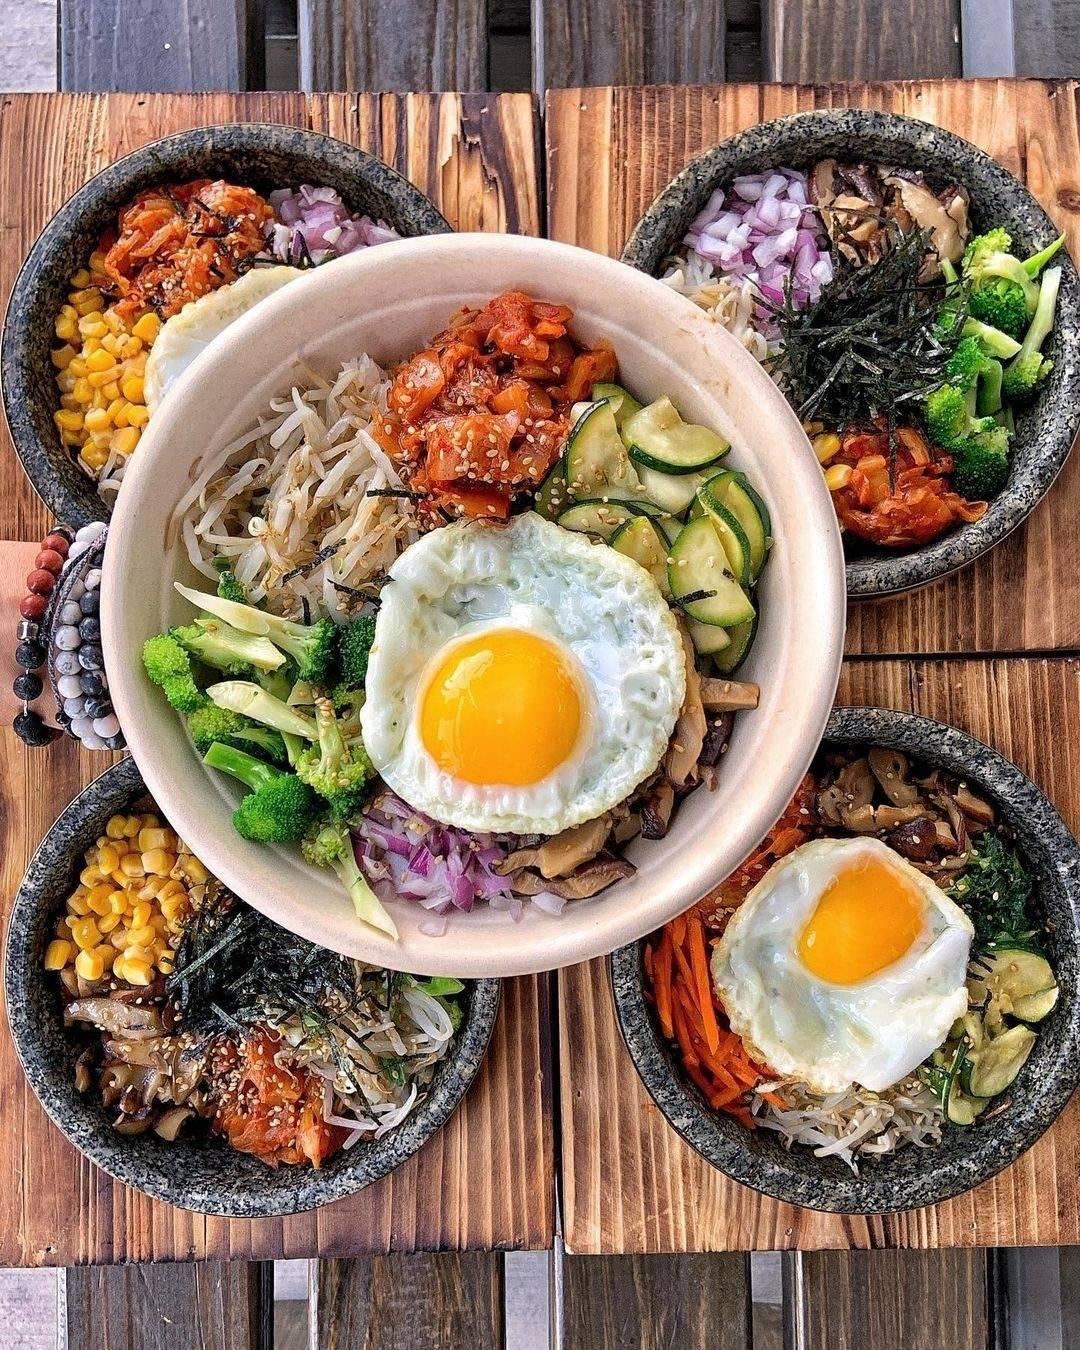 미국에 있다는 k-비빔밥 뷔페.........jpg | 인스티즈